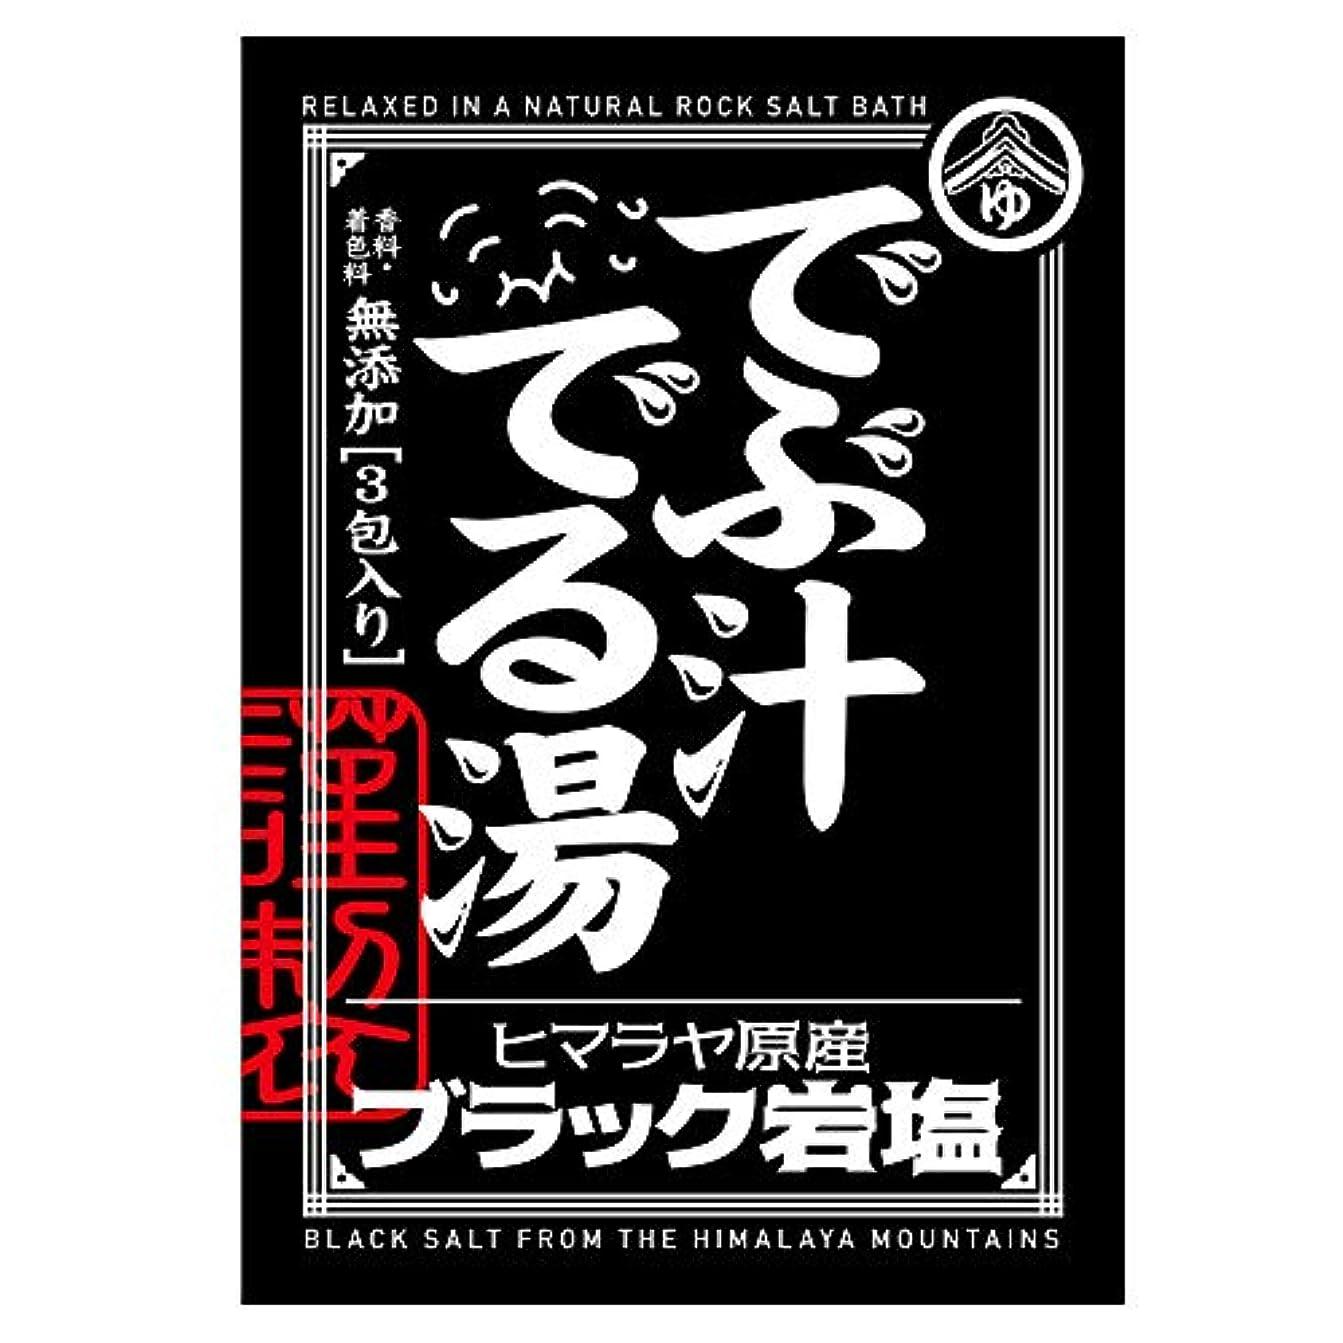 ママコーデリア気まぐれなノルコーポレーション 入浴剤 バスソルト でぶ汁でる湯 ヒマラヤ原産 ブラック岩塩 3包入り 硫黄の香り OB-DEY-1-1